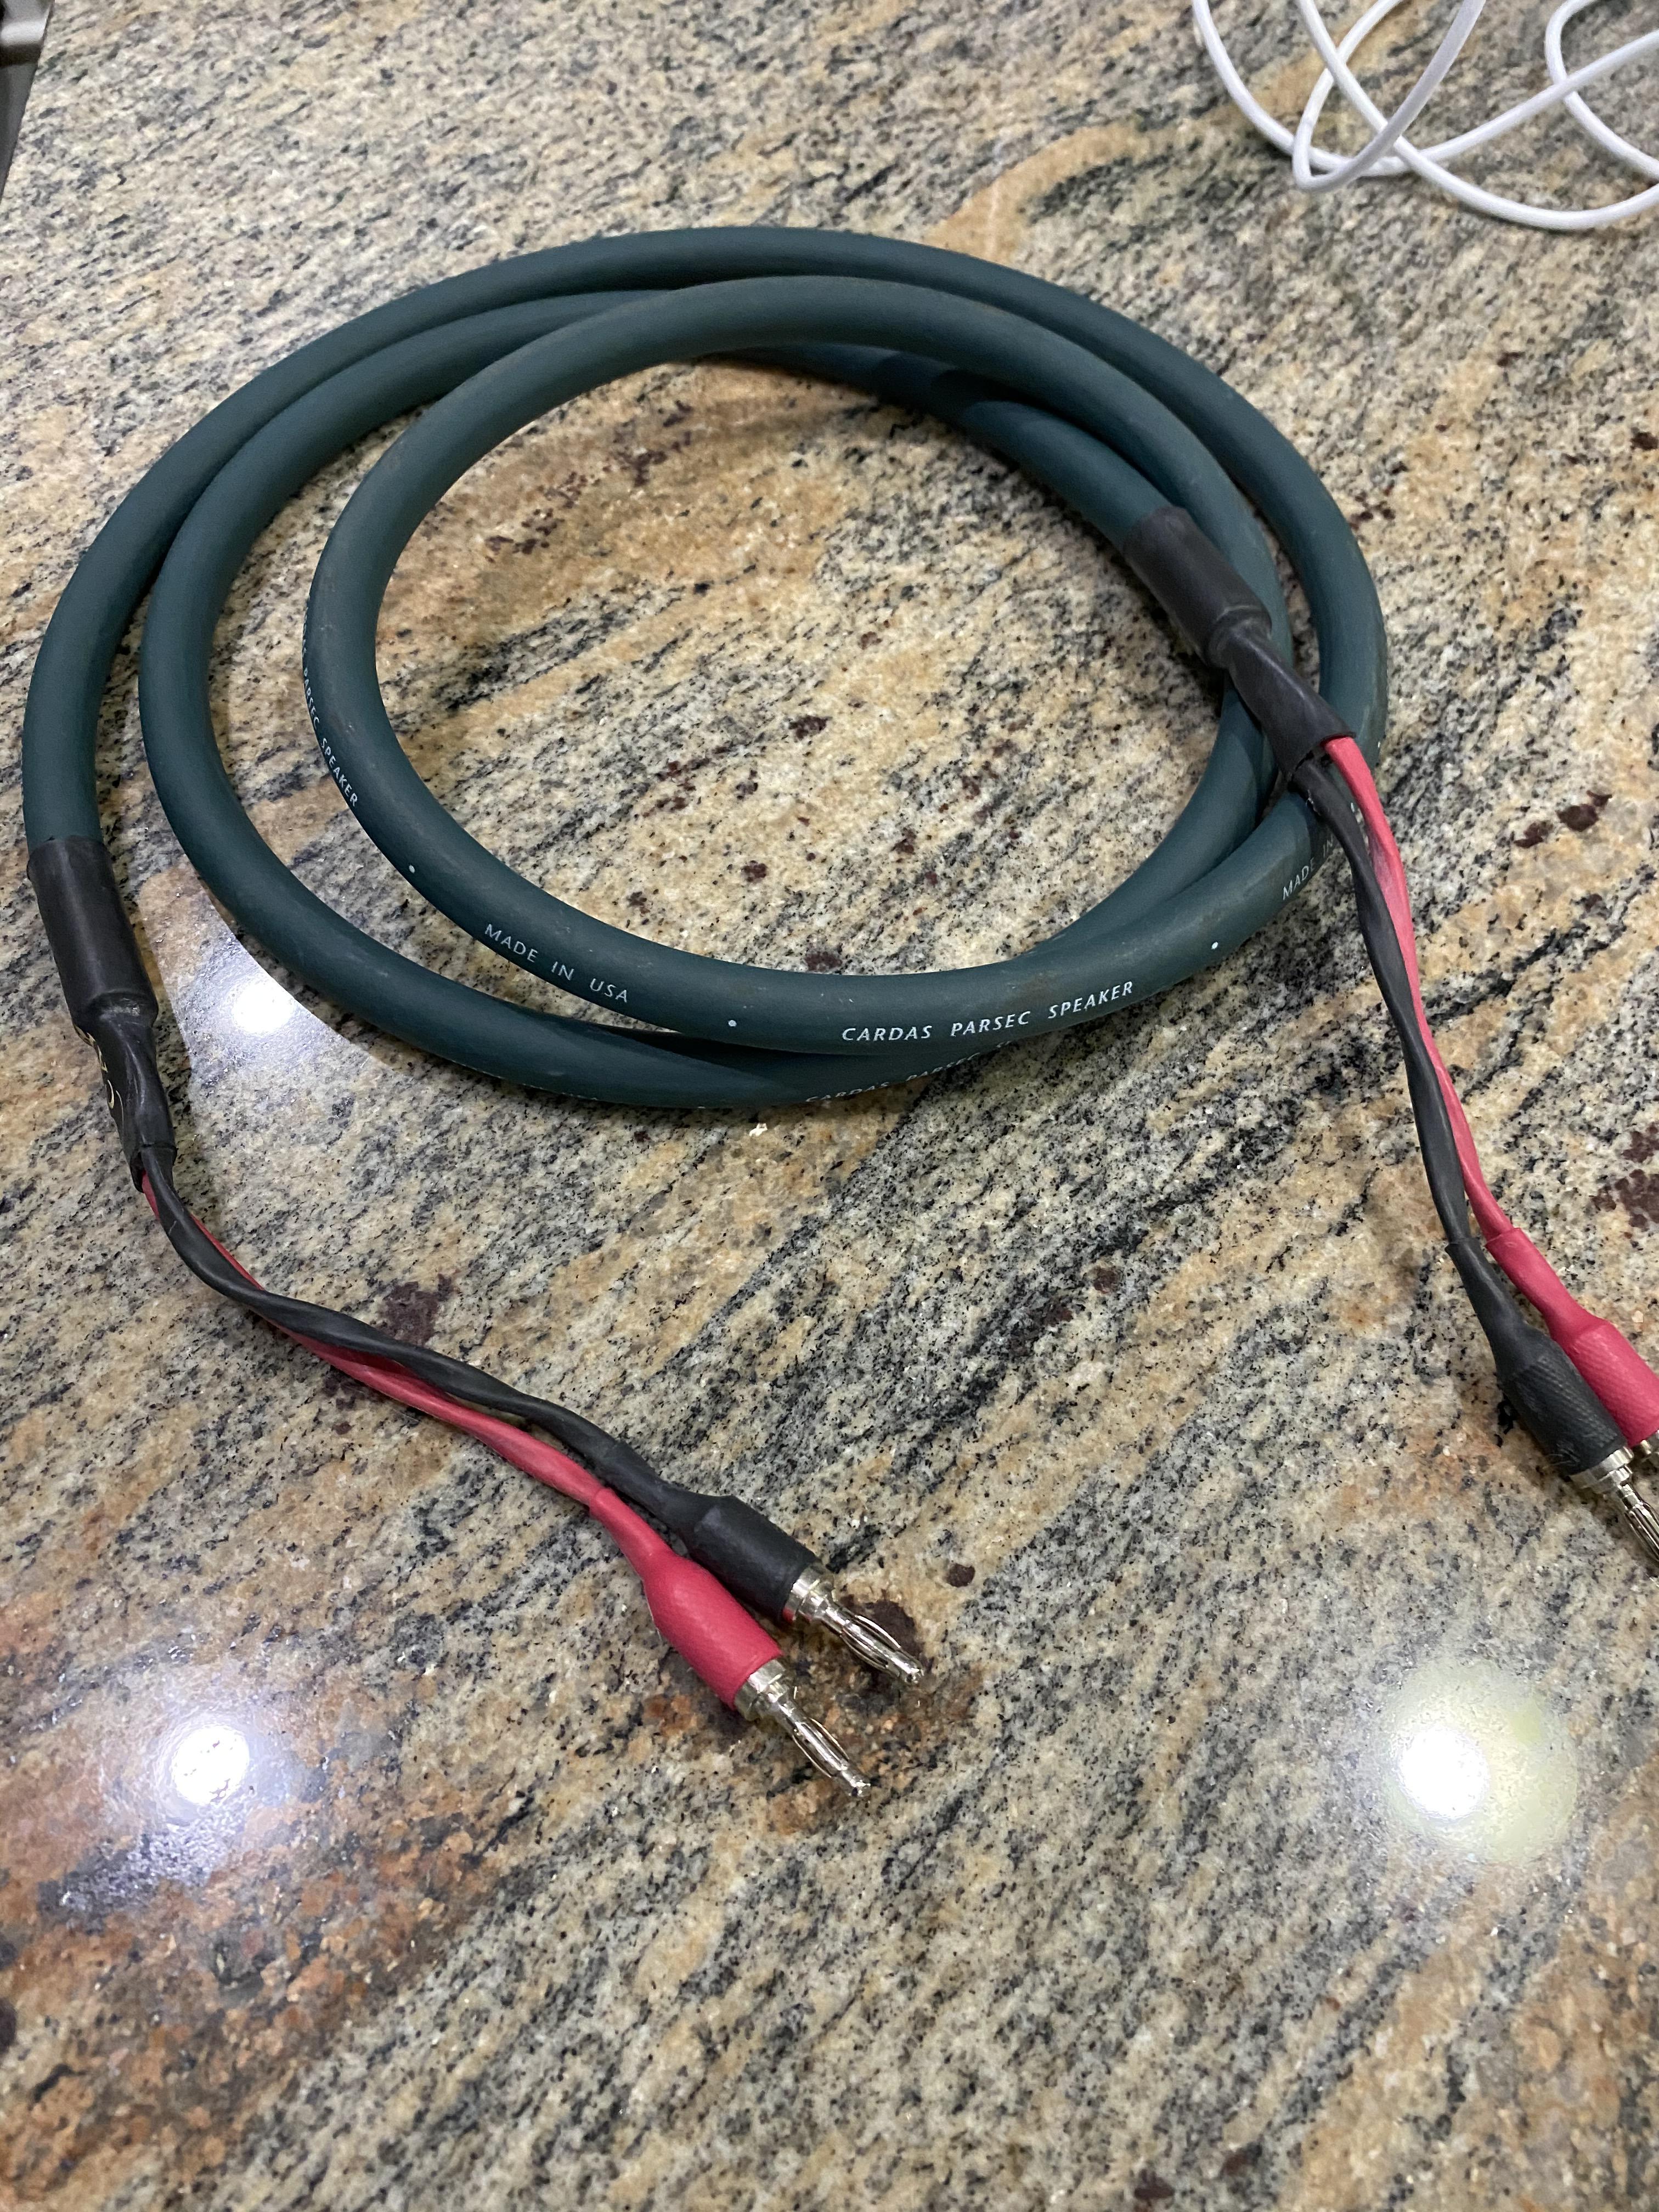 Cardas Parsec Speaker Cables